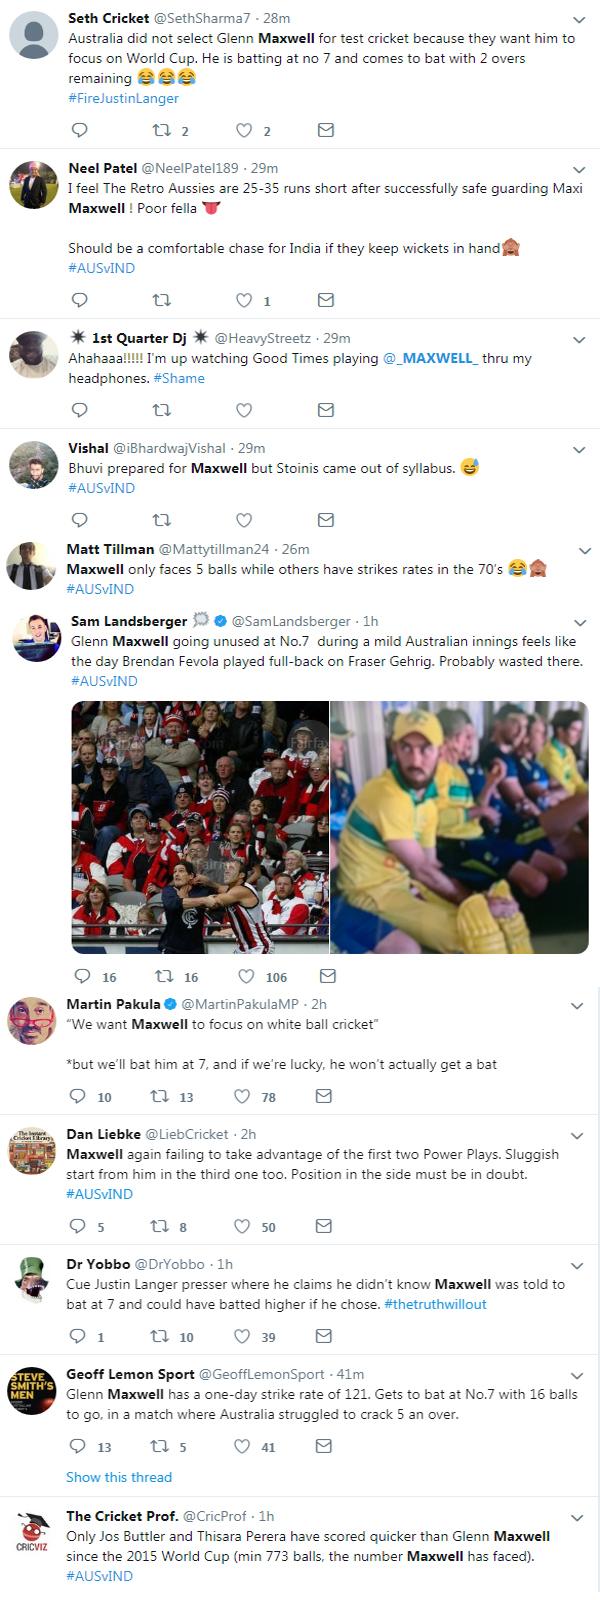 Twitter slammed Australian coach & Captain for Demoted Glenn Maxwell